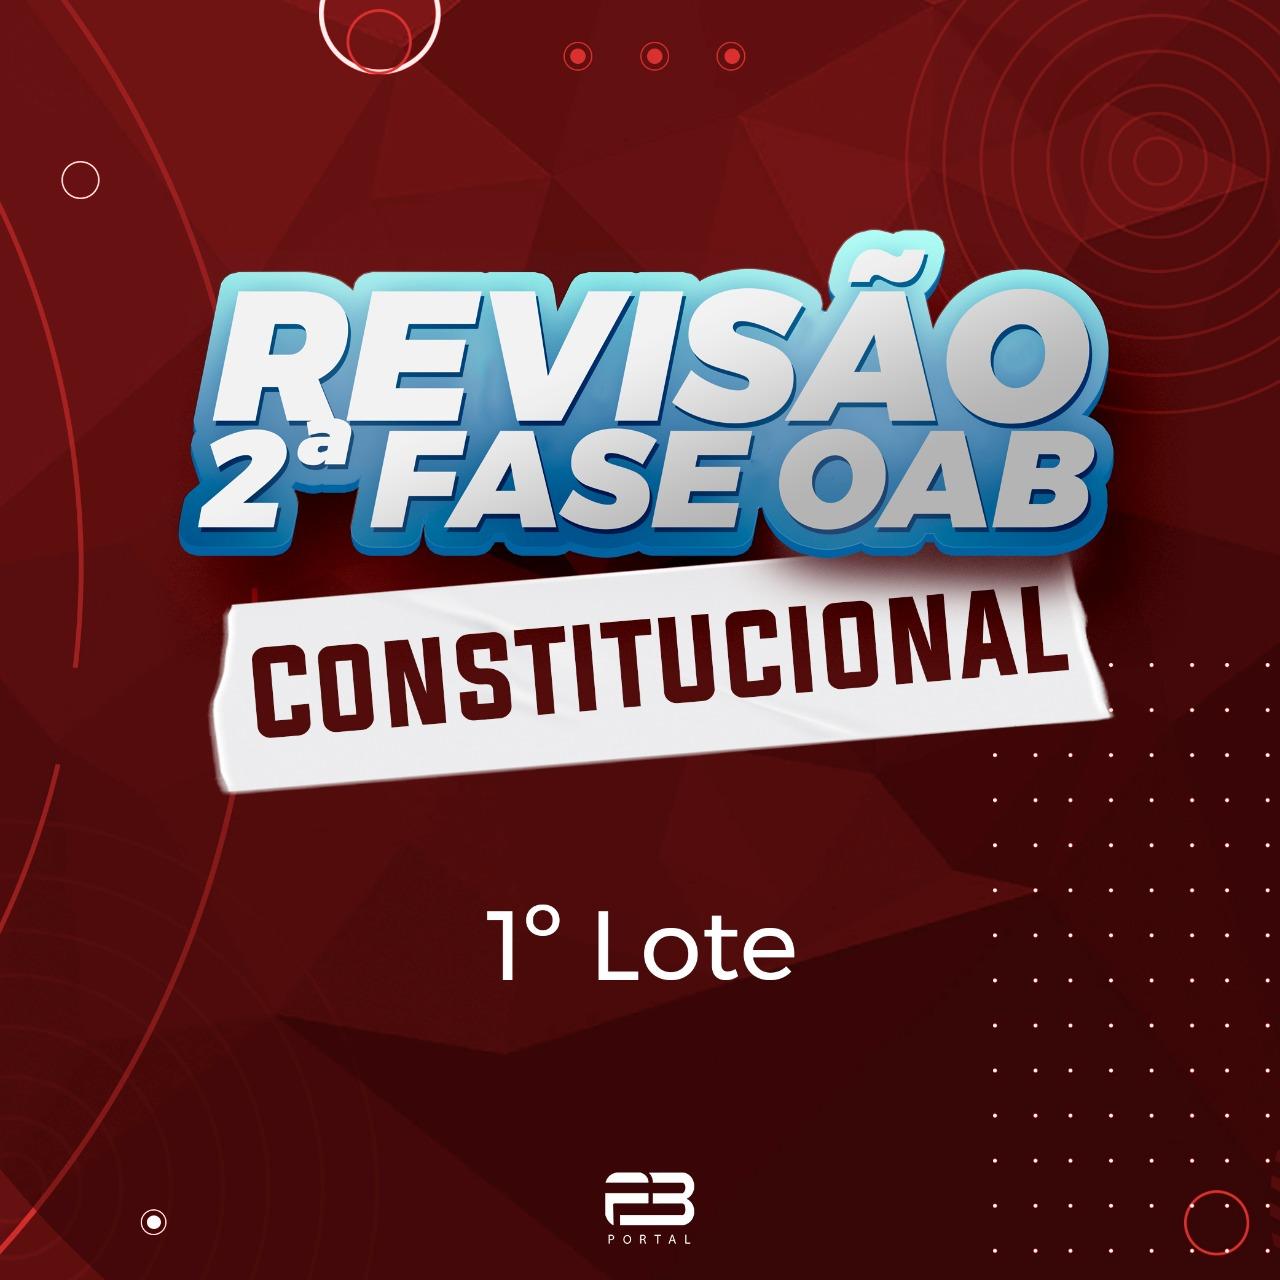 REVISÃO FINAL OAB 2ª FASE CONSTITUCIONAL XXXI EXAME ONLINE